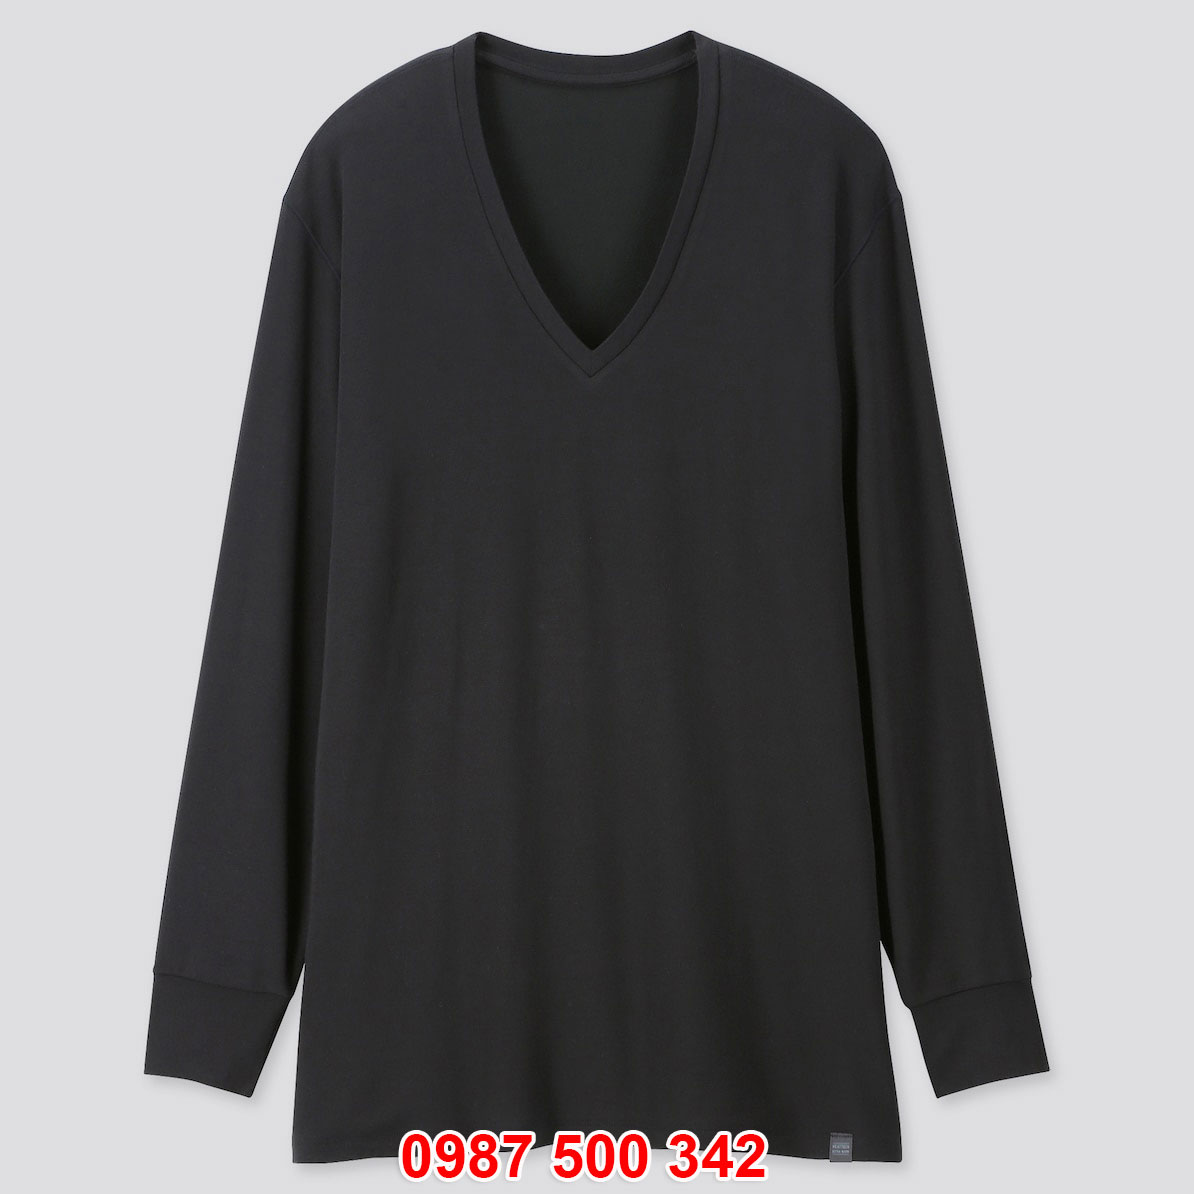 Áo giữ nhiệt nam Uniqlo Heattech Extra Warm cổ tim màu đen 09 BLACK